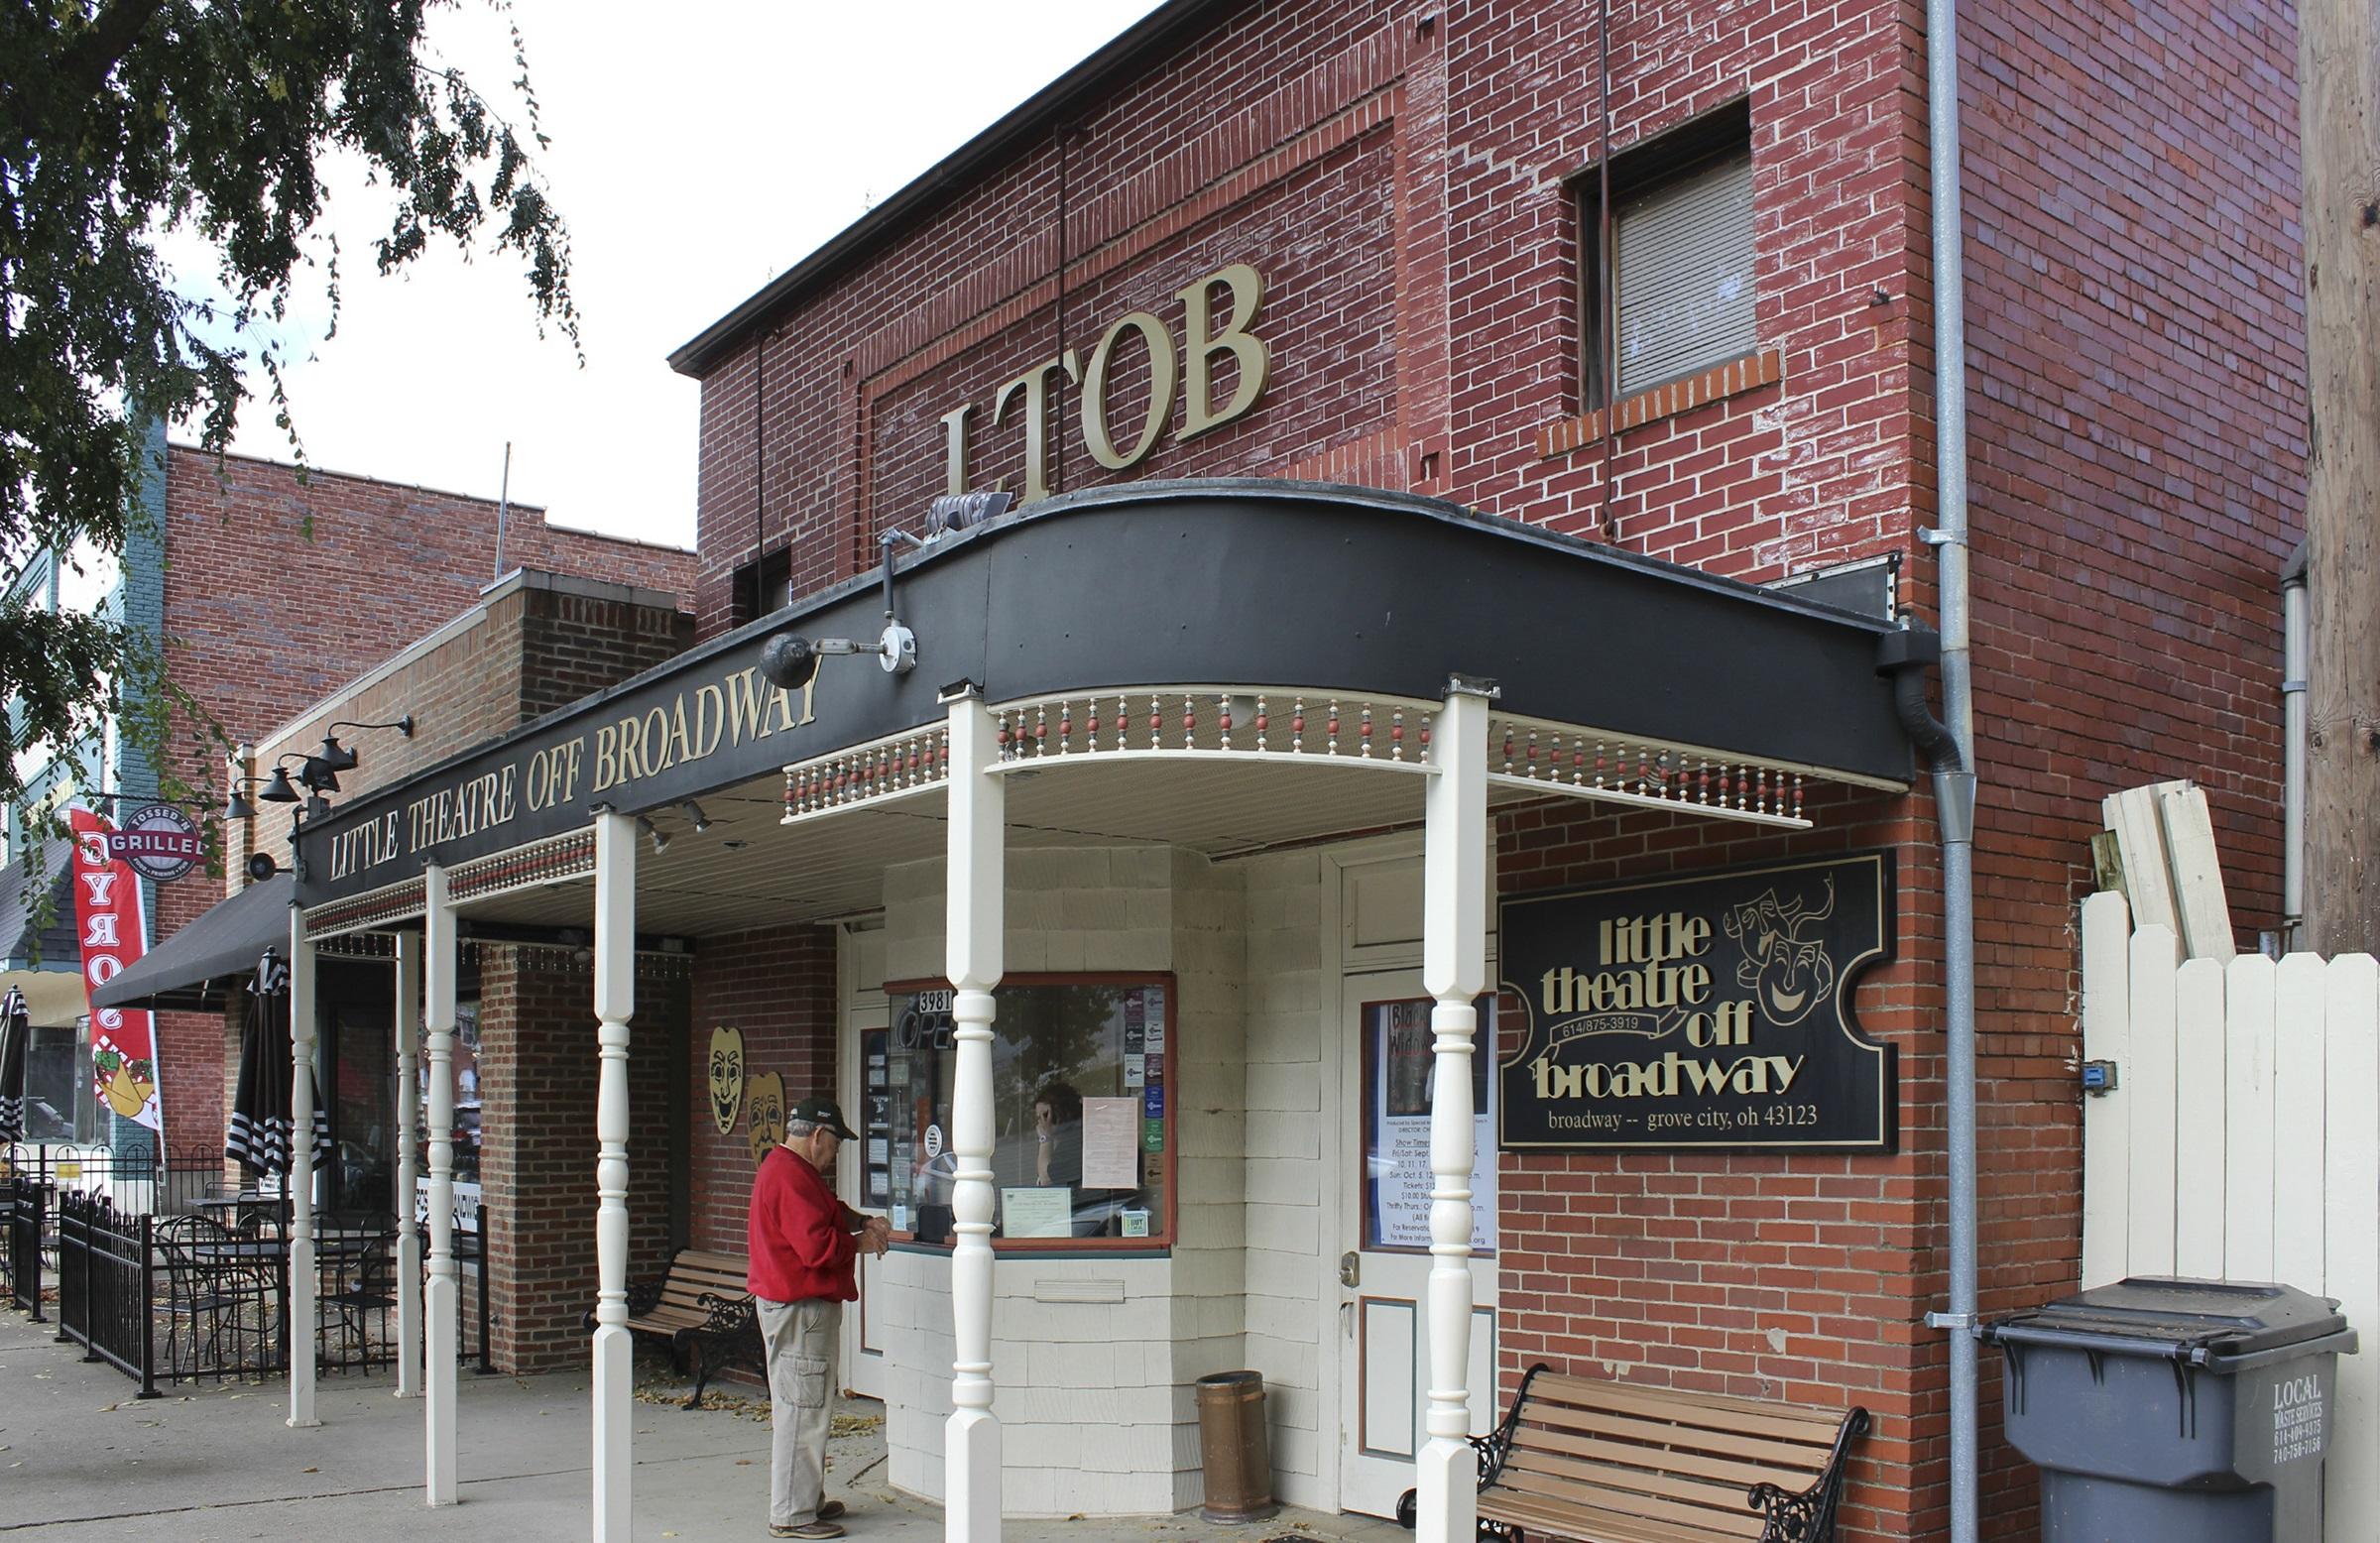 Central Ohio Theatre